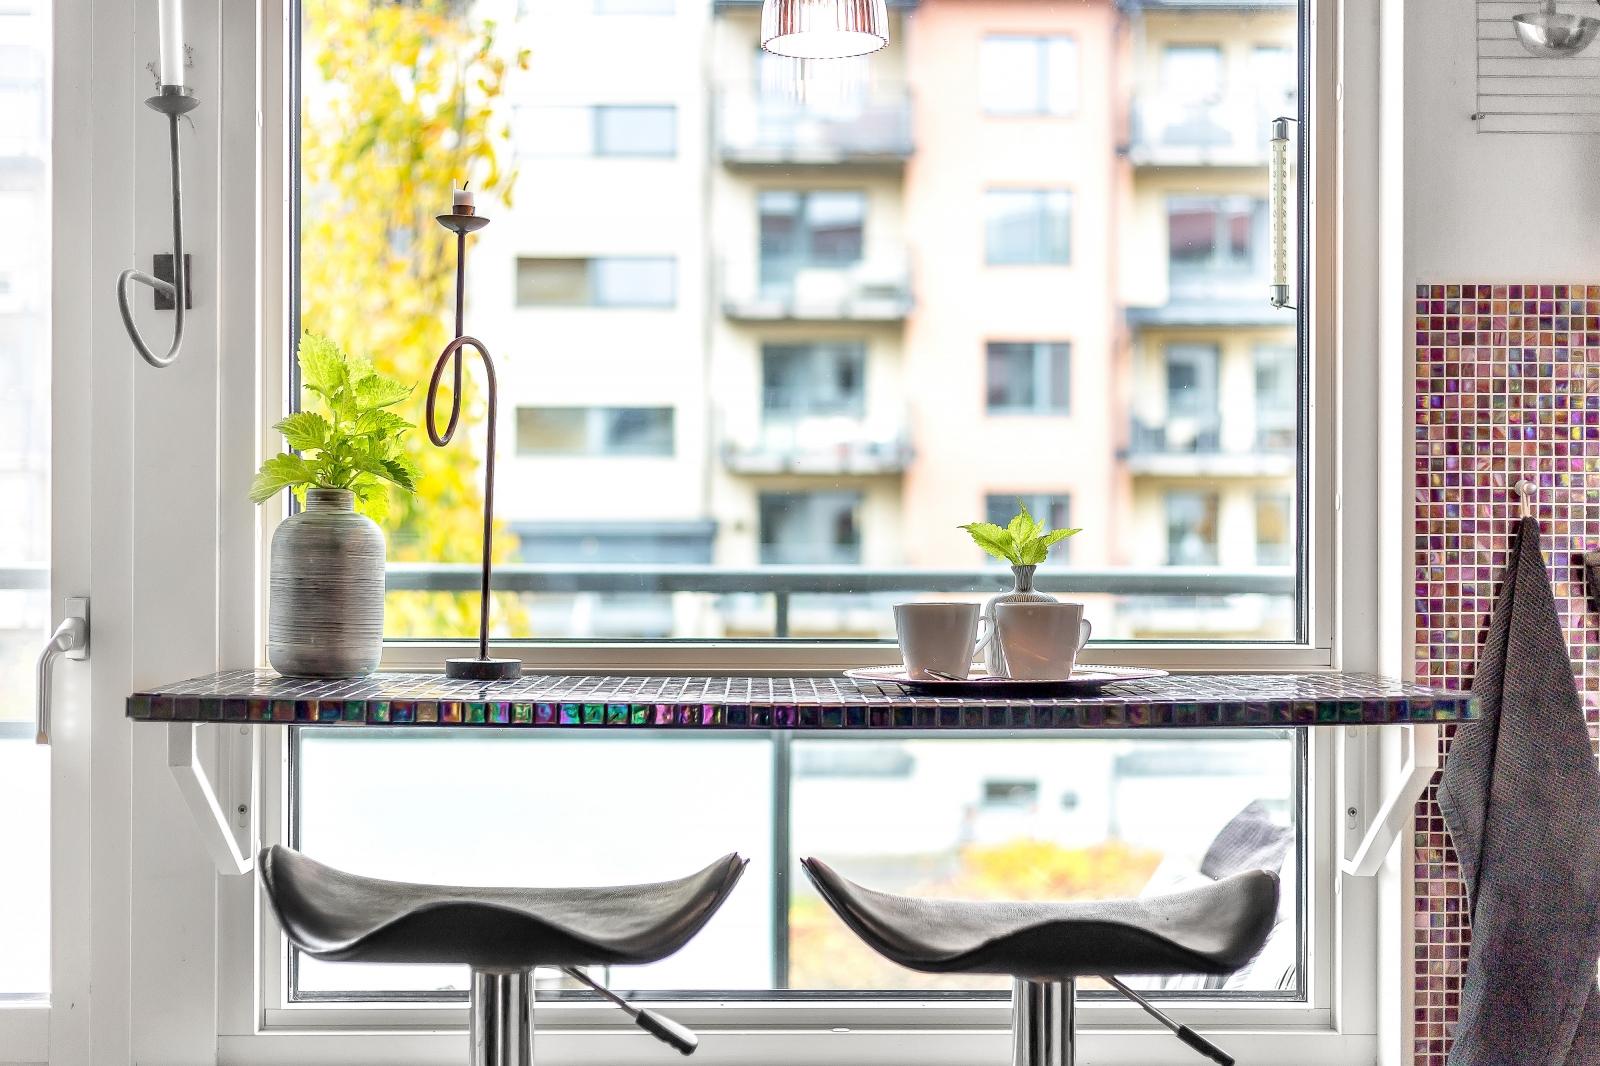 Sideboard i köket